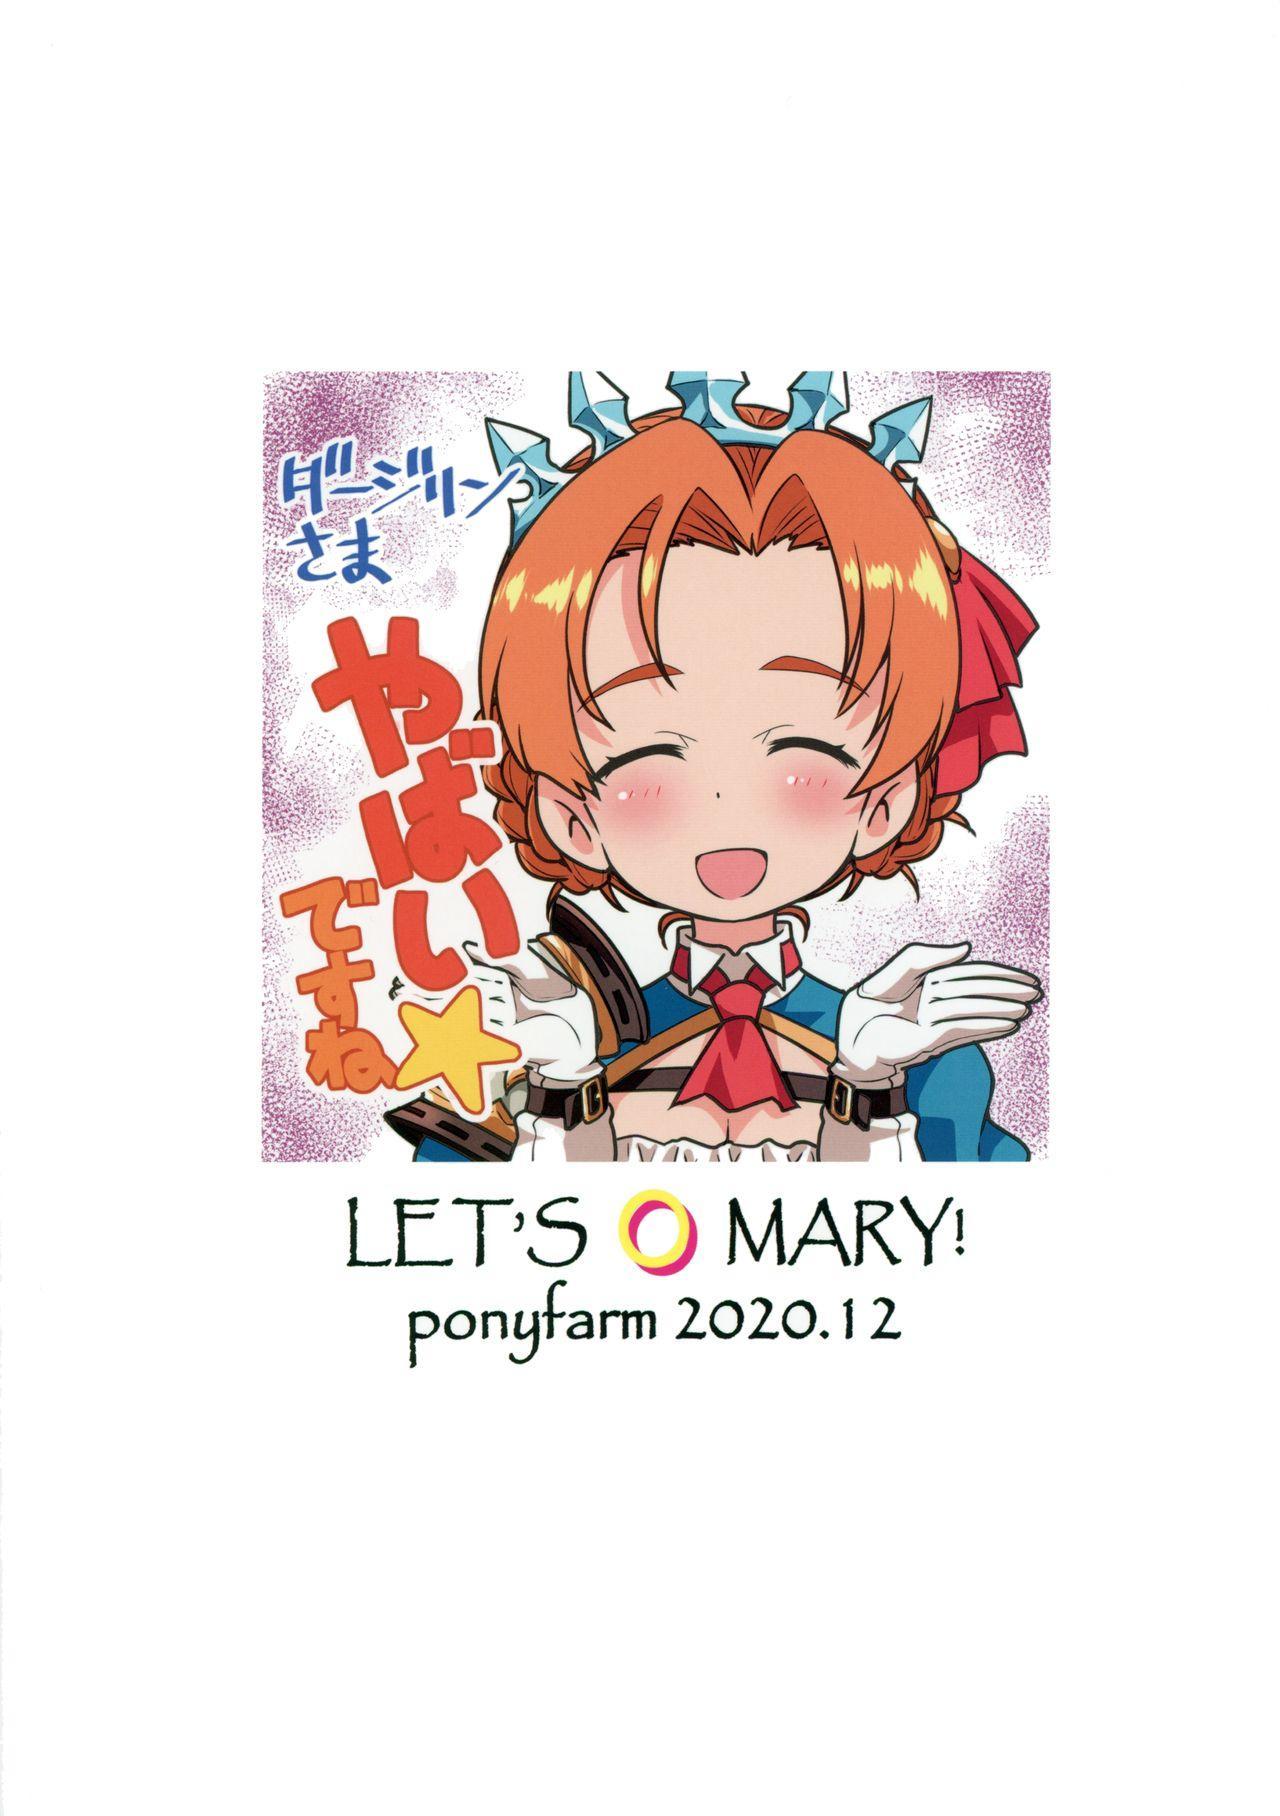 マリーを〇せ 25